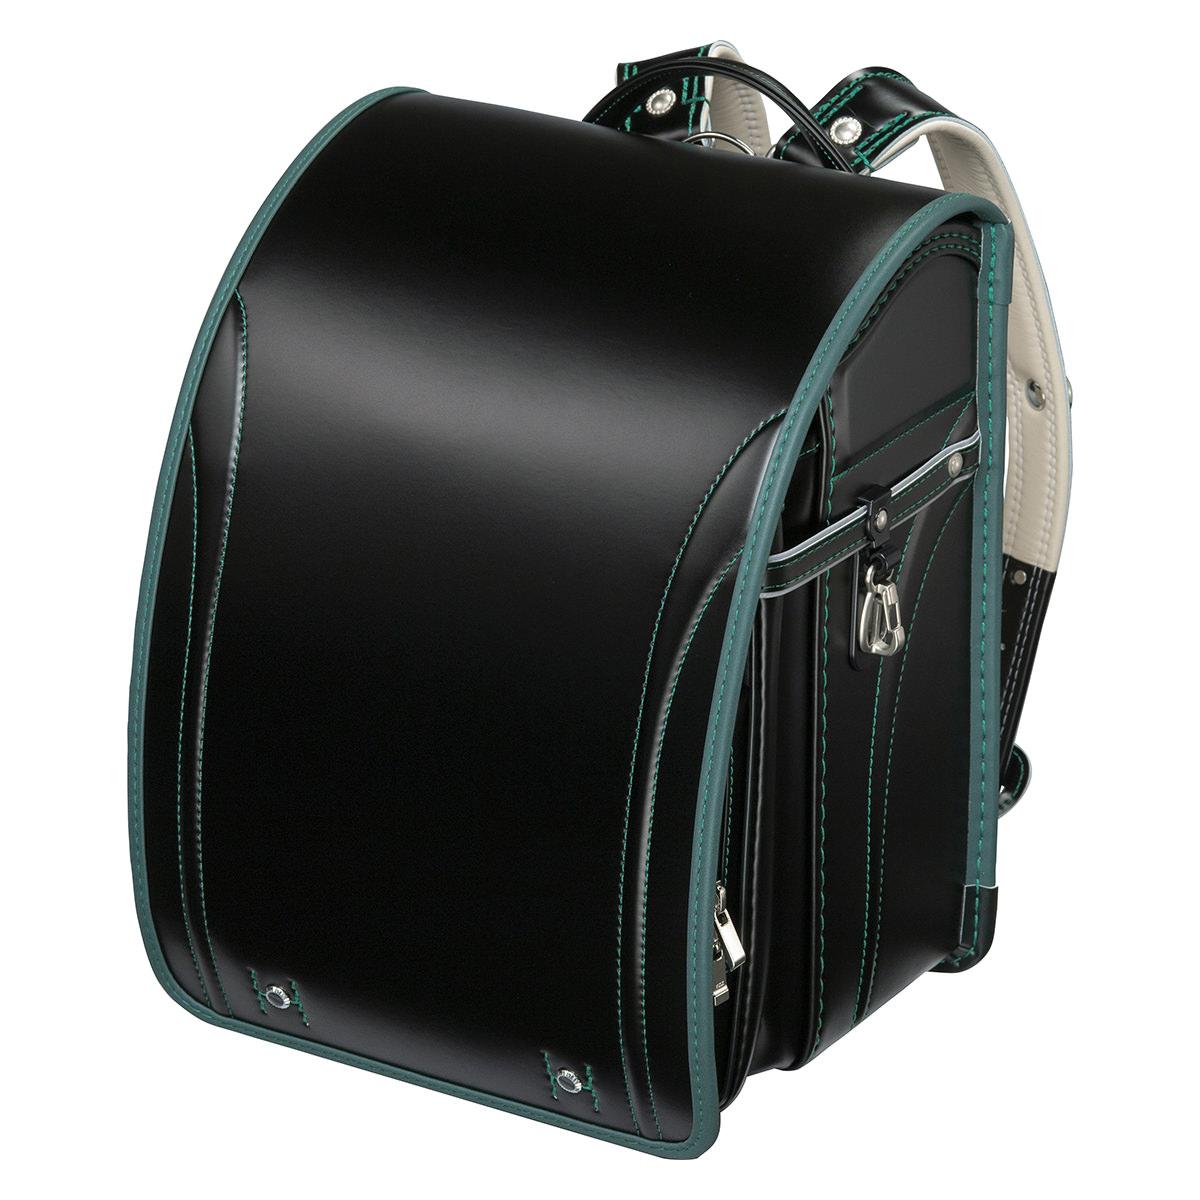 フィットちゃんランドセル グッドボーイDX 安ピカッタイプ(FIT-233AZ)A4フラットファイル収納サイズ